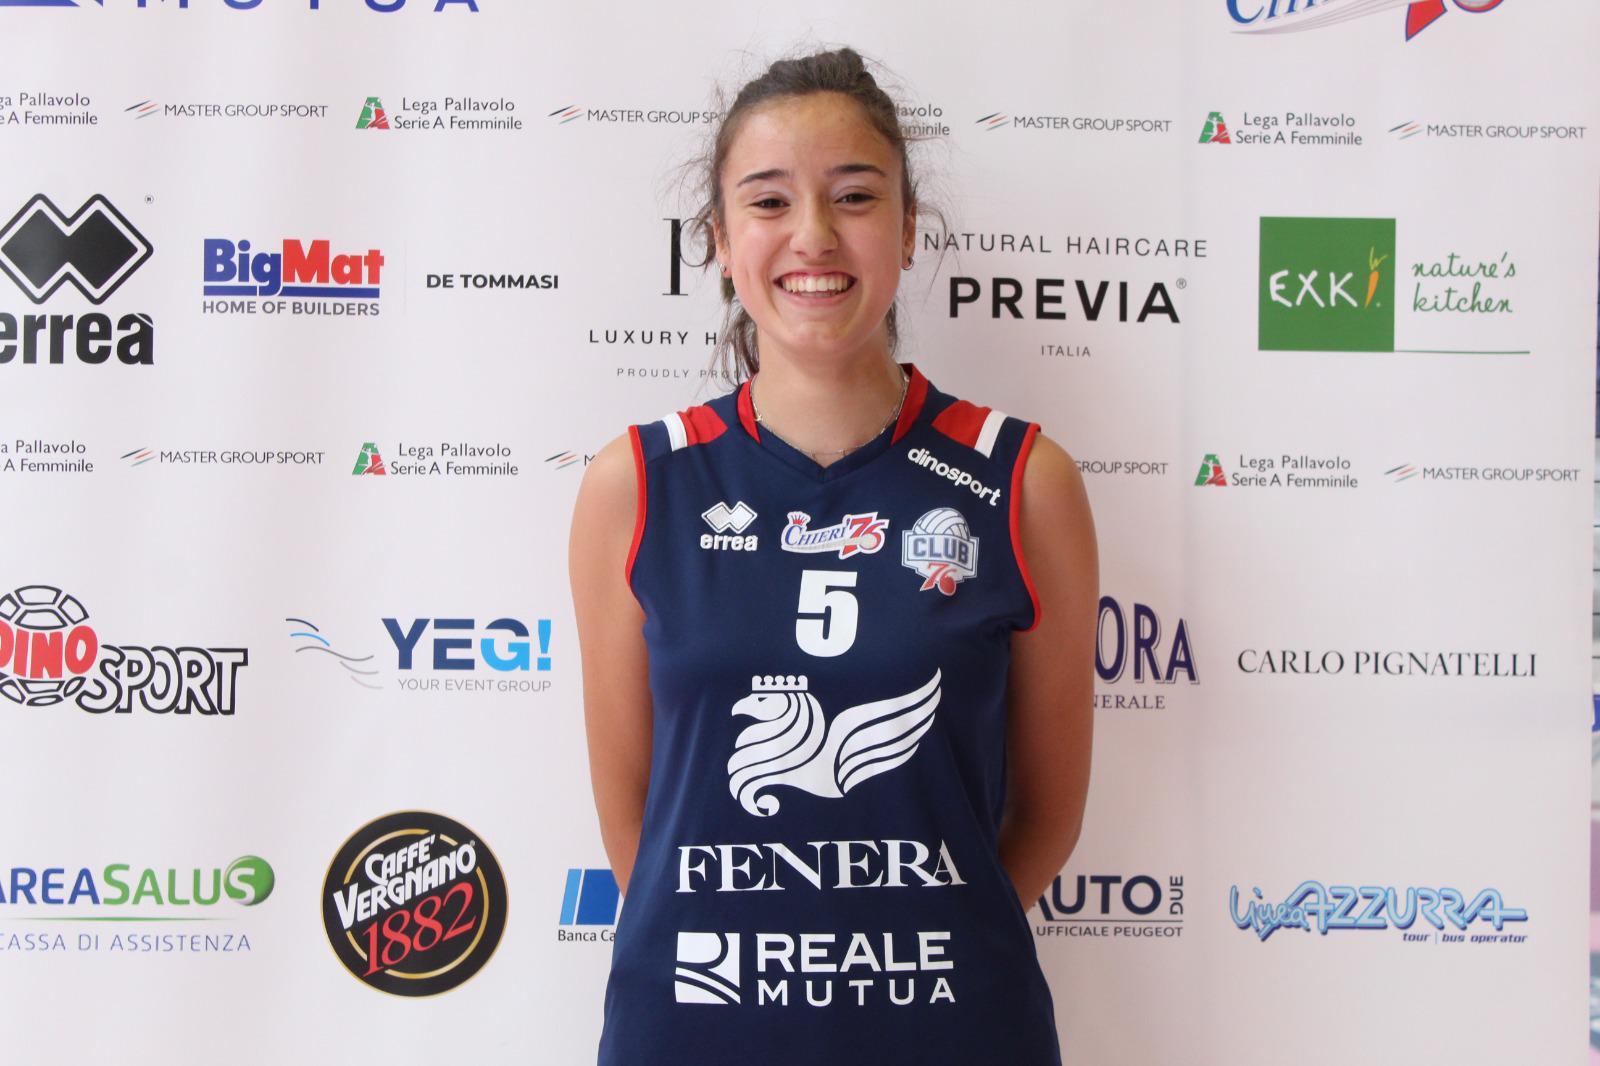 Alissa Quilico